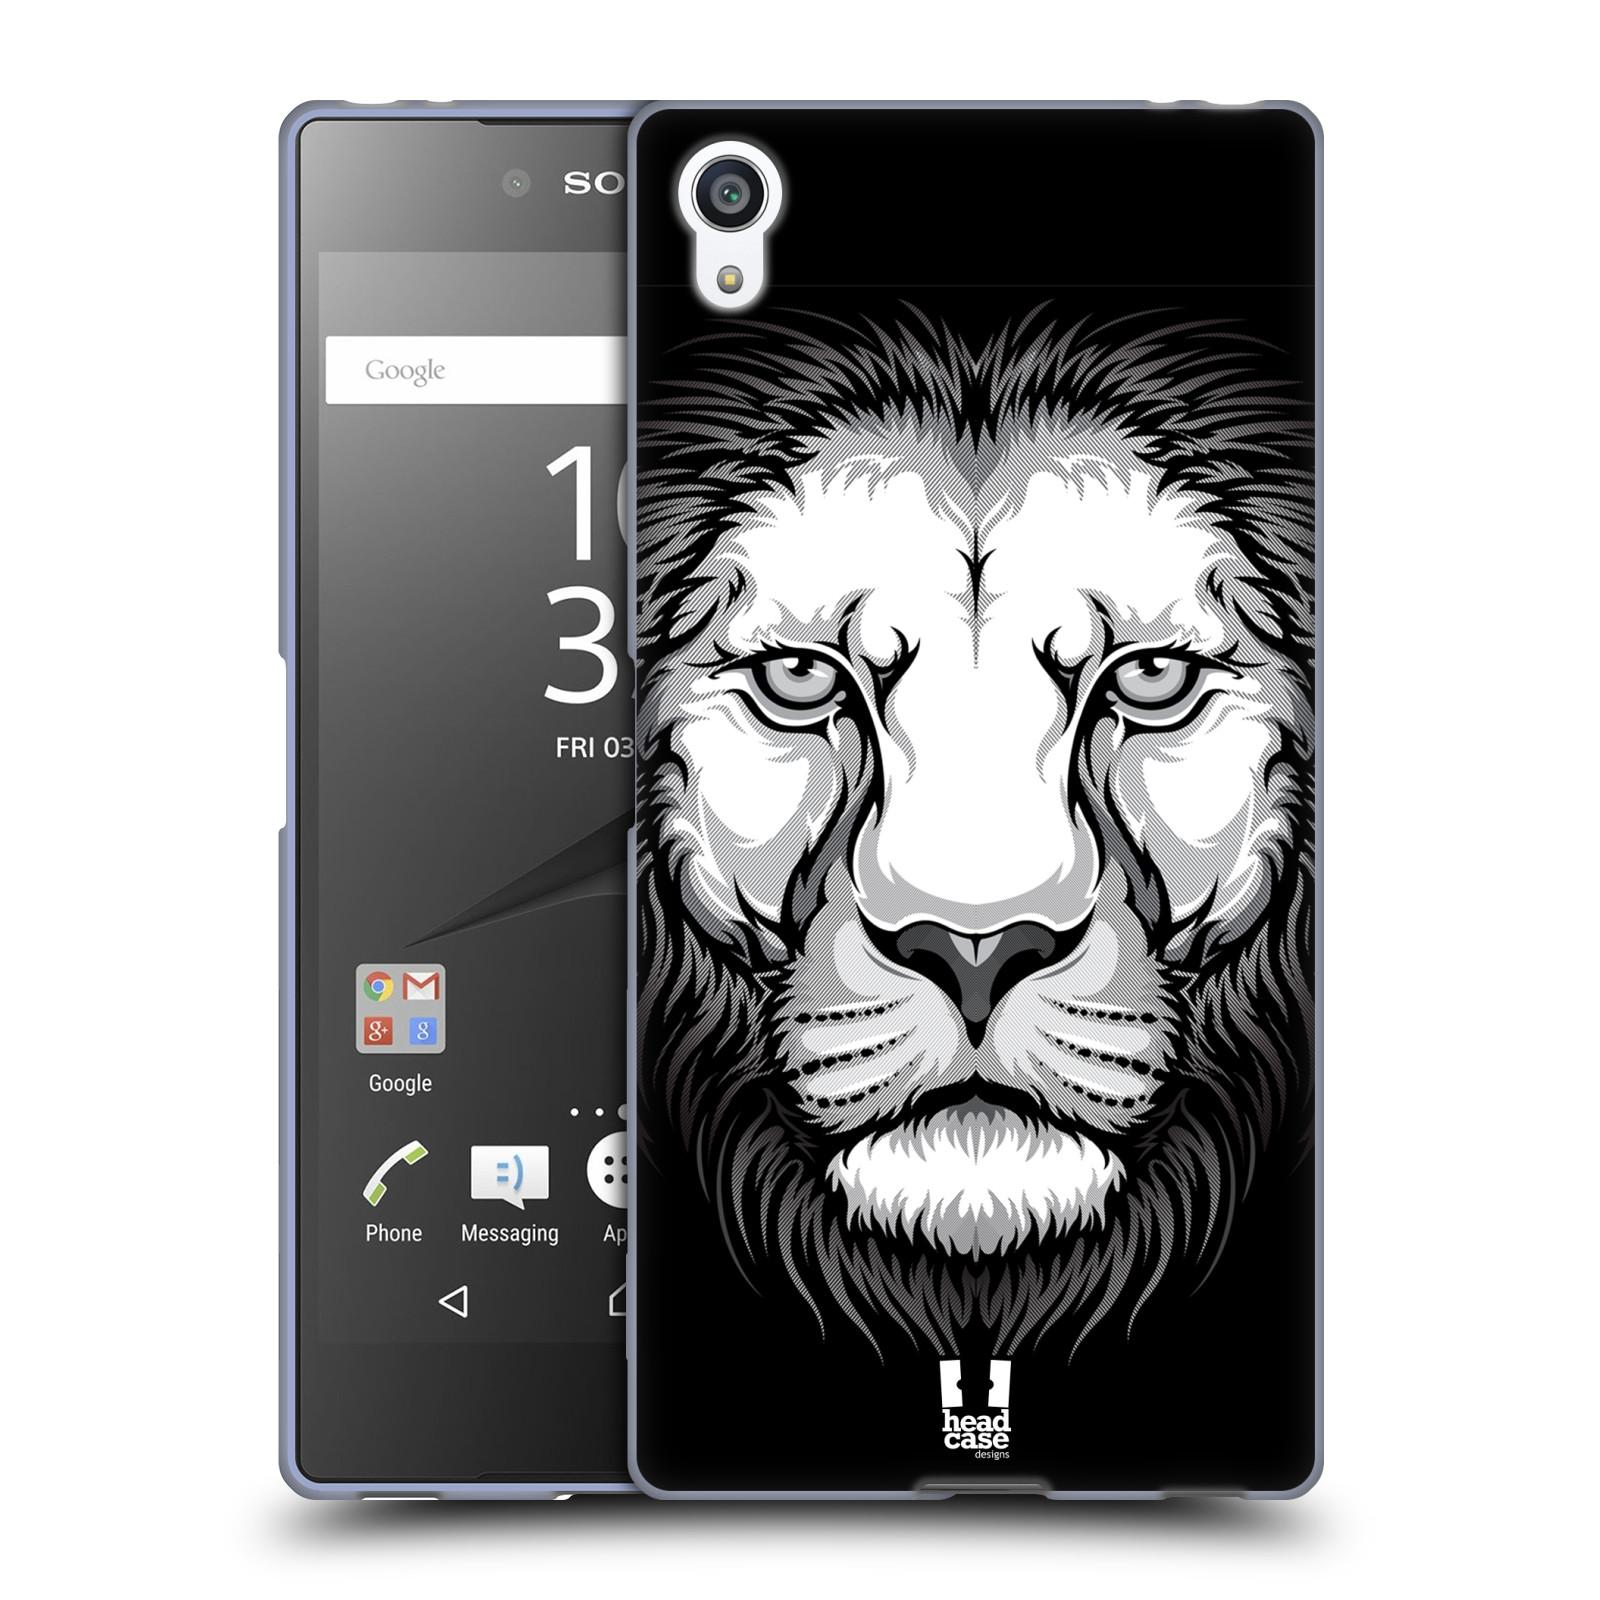 Silikonové pouzdro na mobil Sony Xperia Z5 Premium HEAD CASE ILUSTROVANÝ LEV